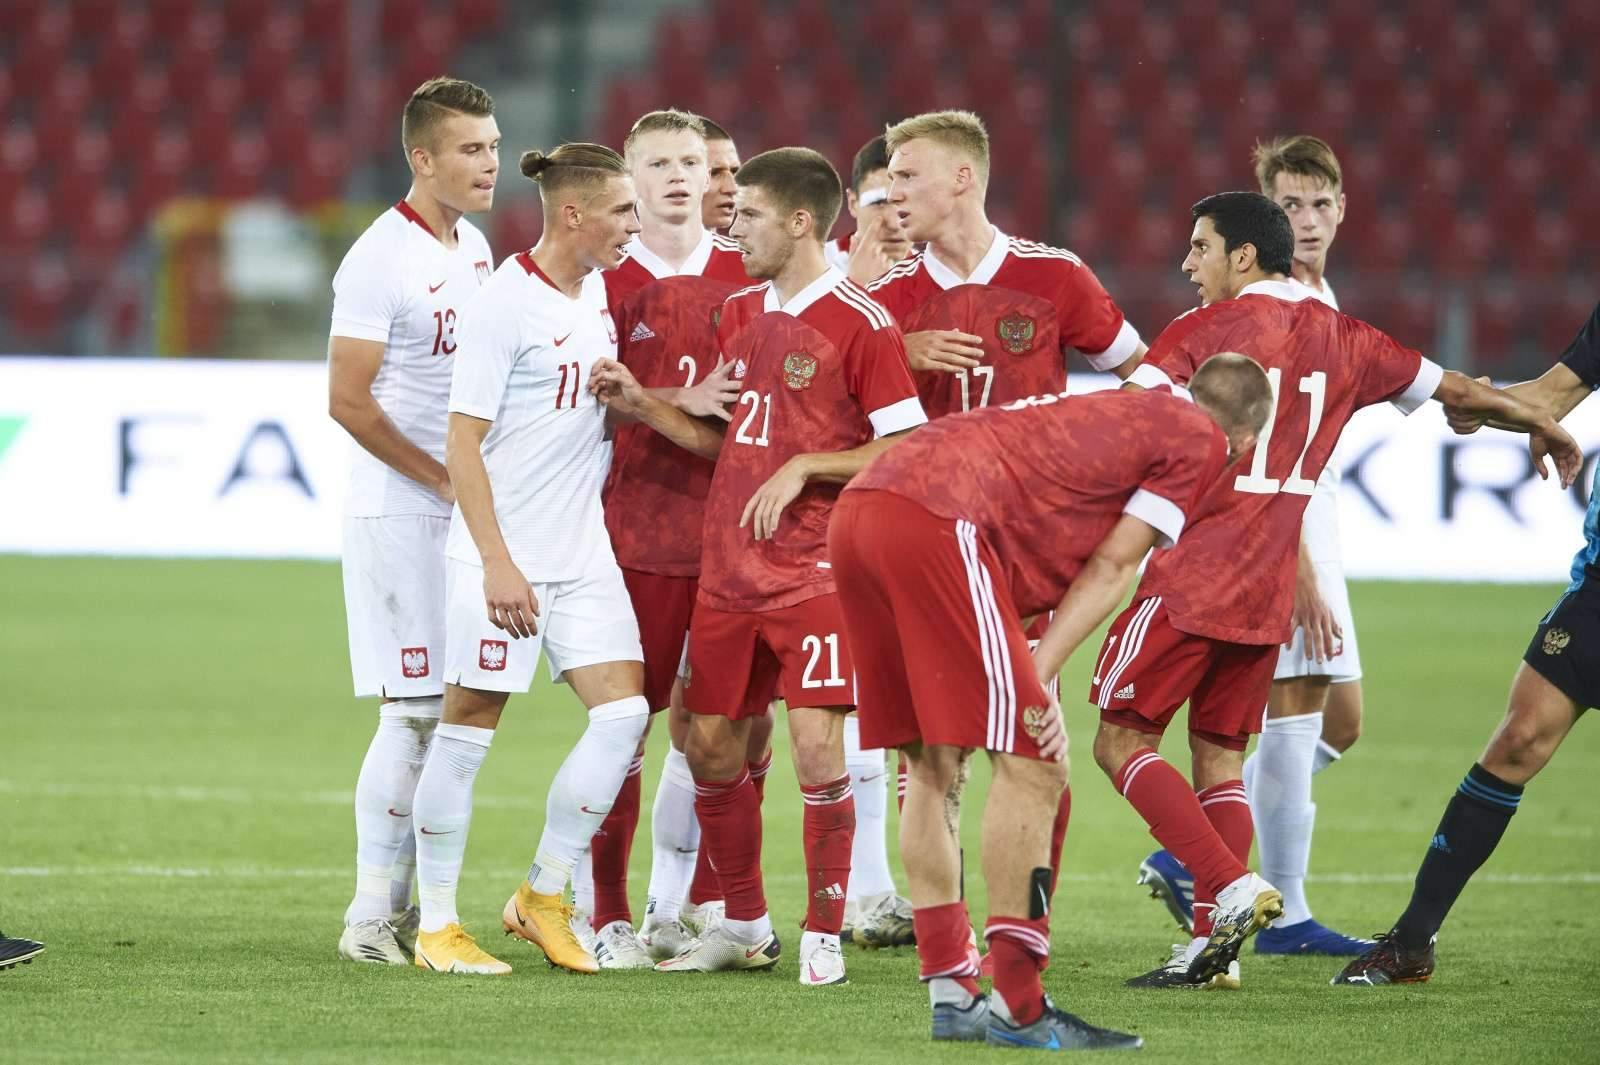 Литва (до 21 года) – Россия (до 21 года) - 0:3 (закончен)